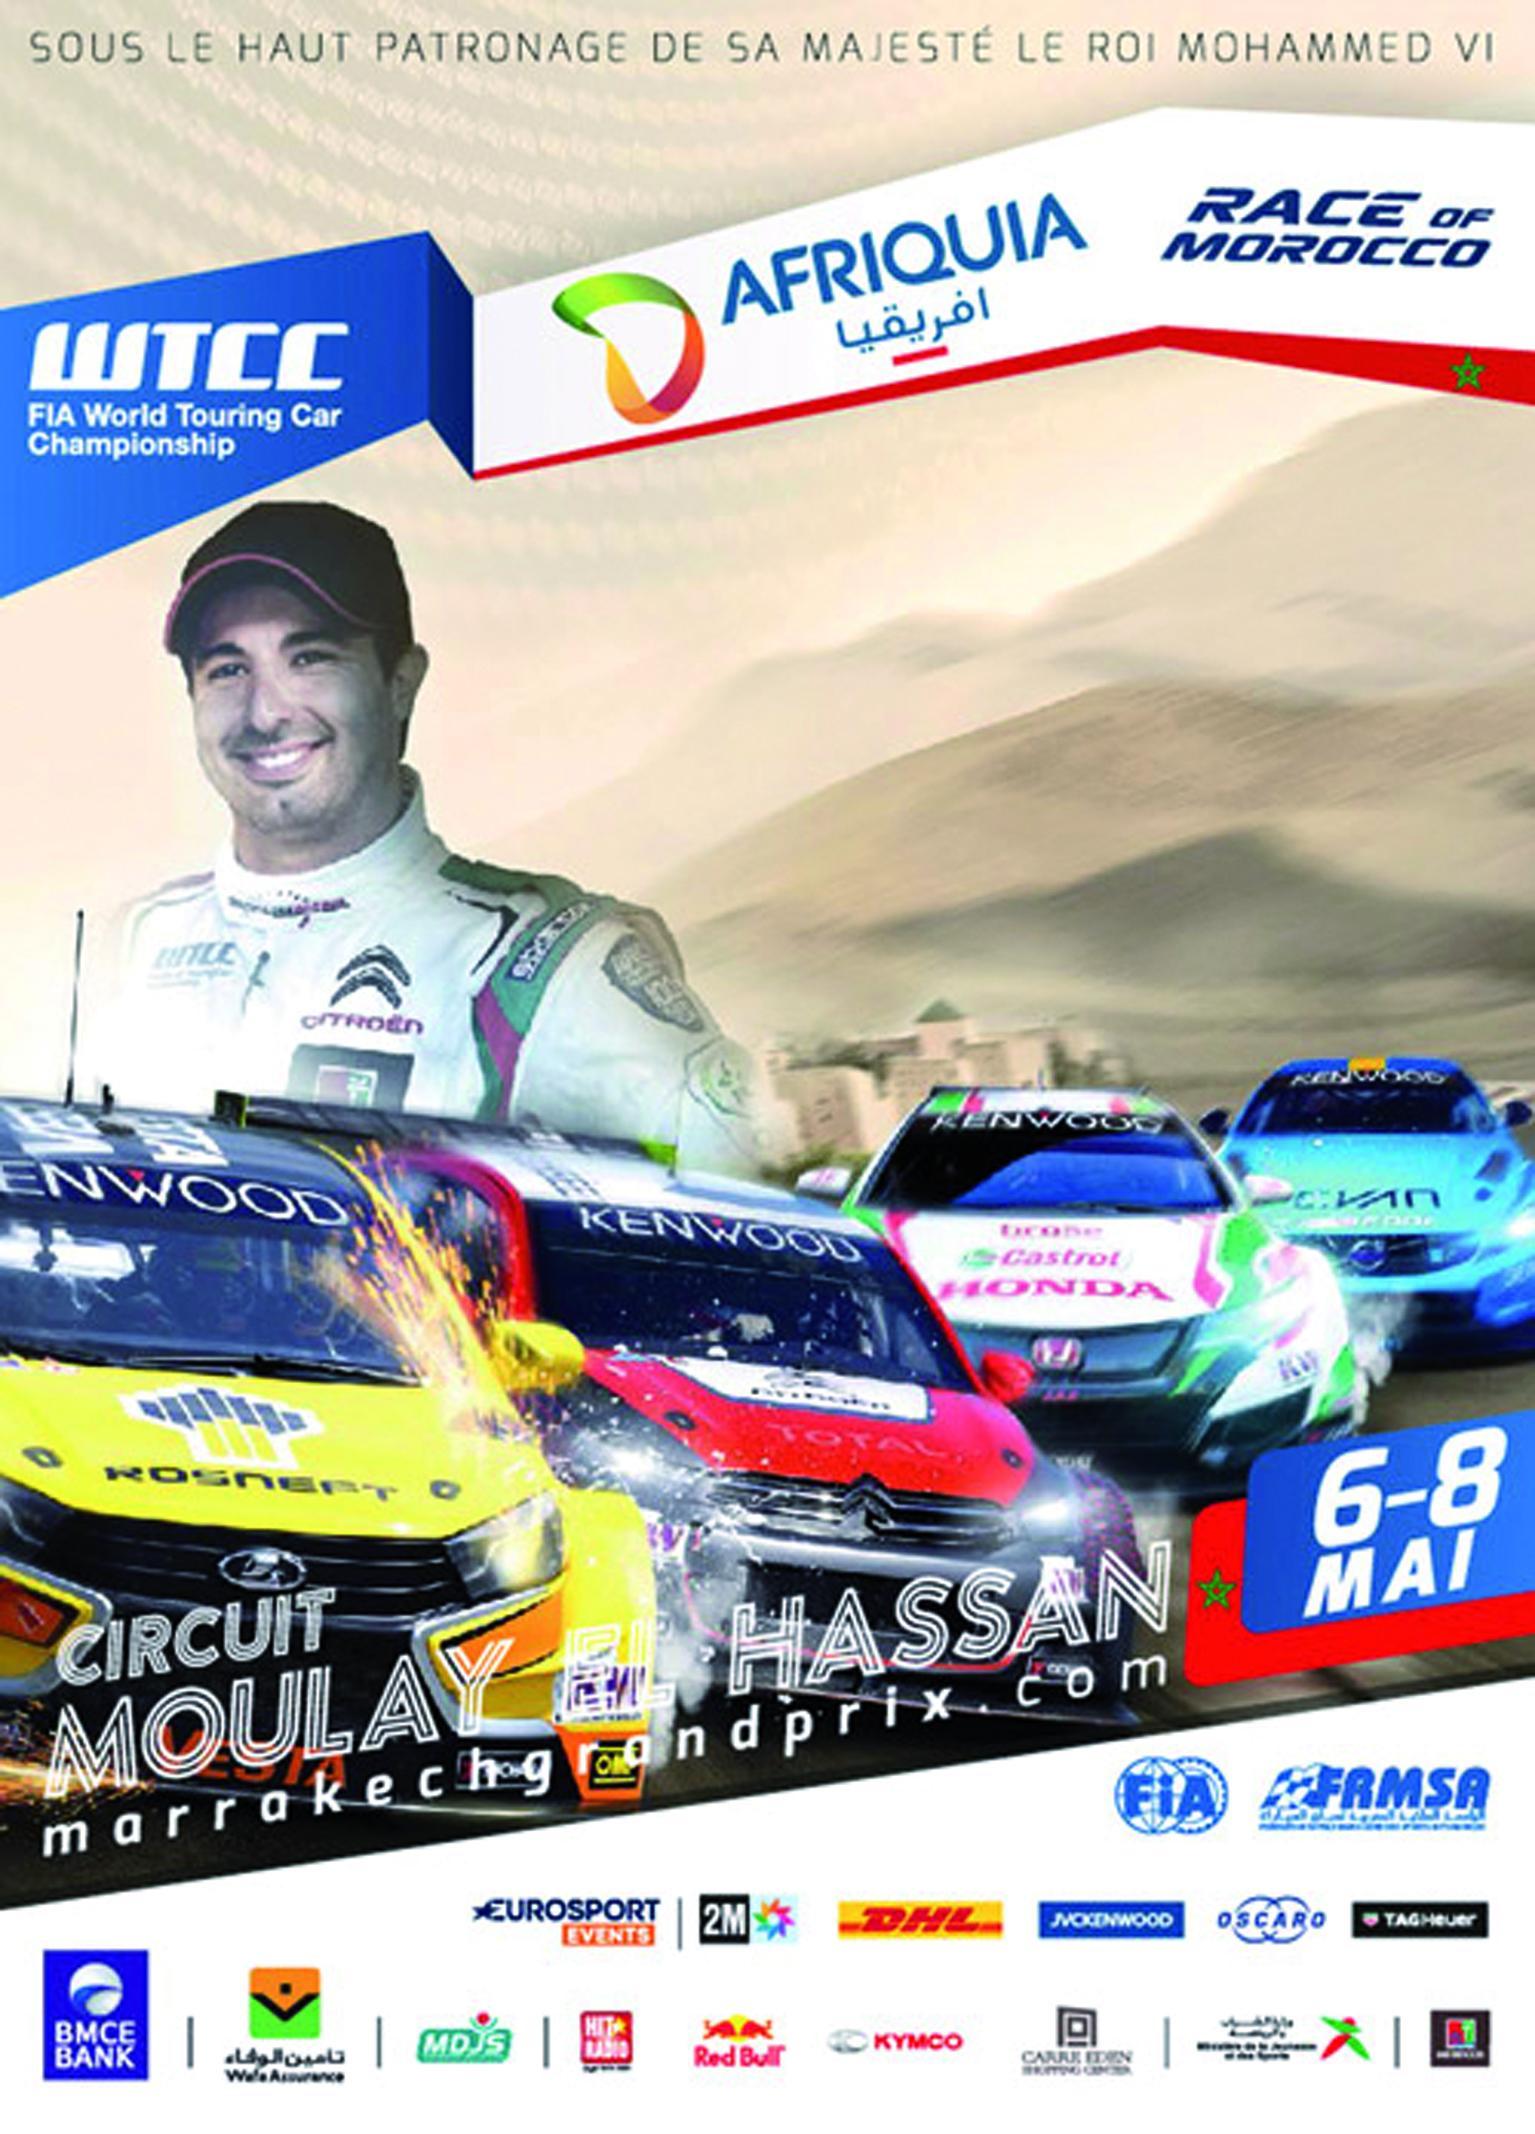 Marrakech à l'heure du WTCC Race of Morocco